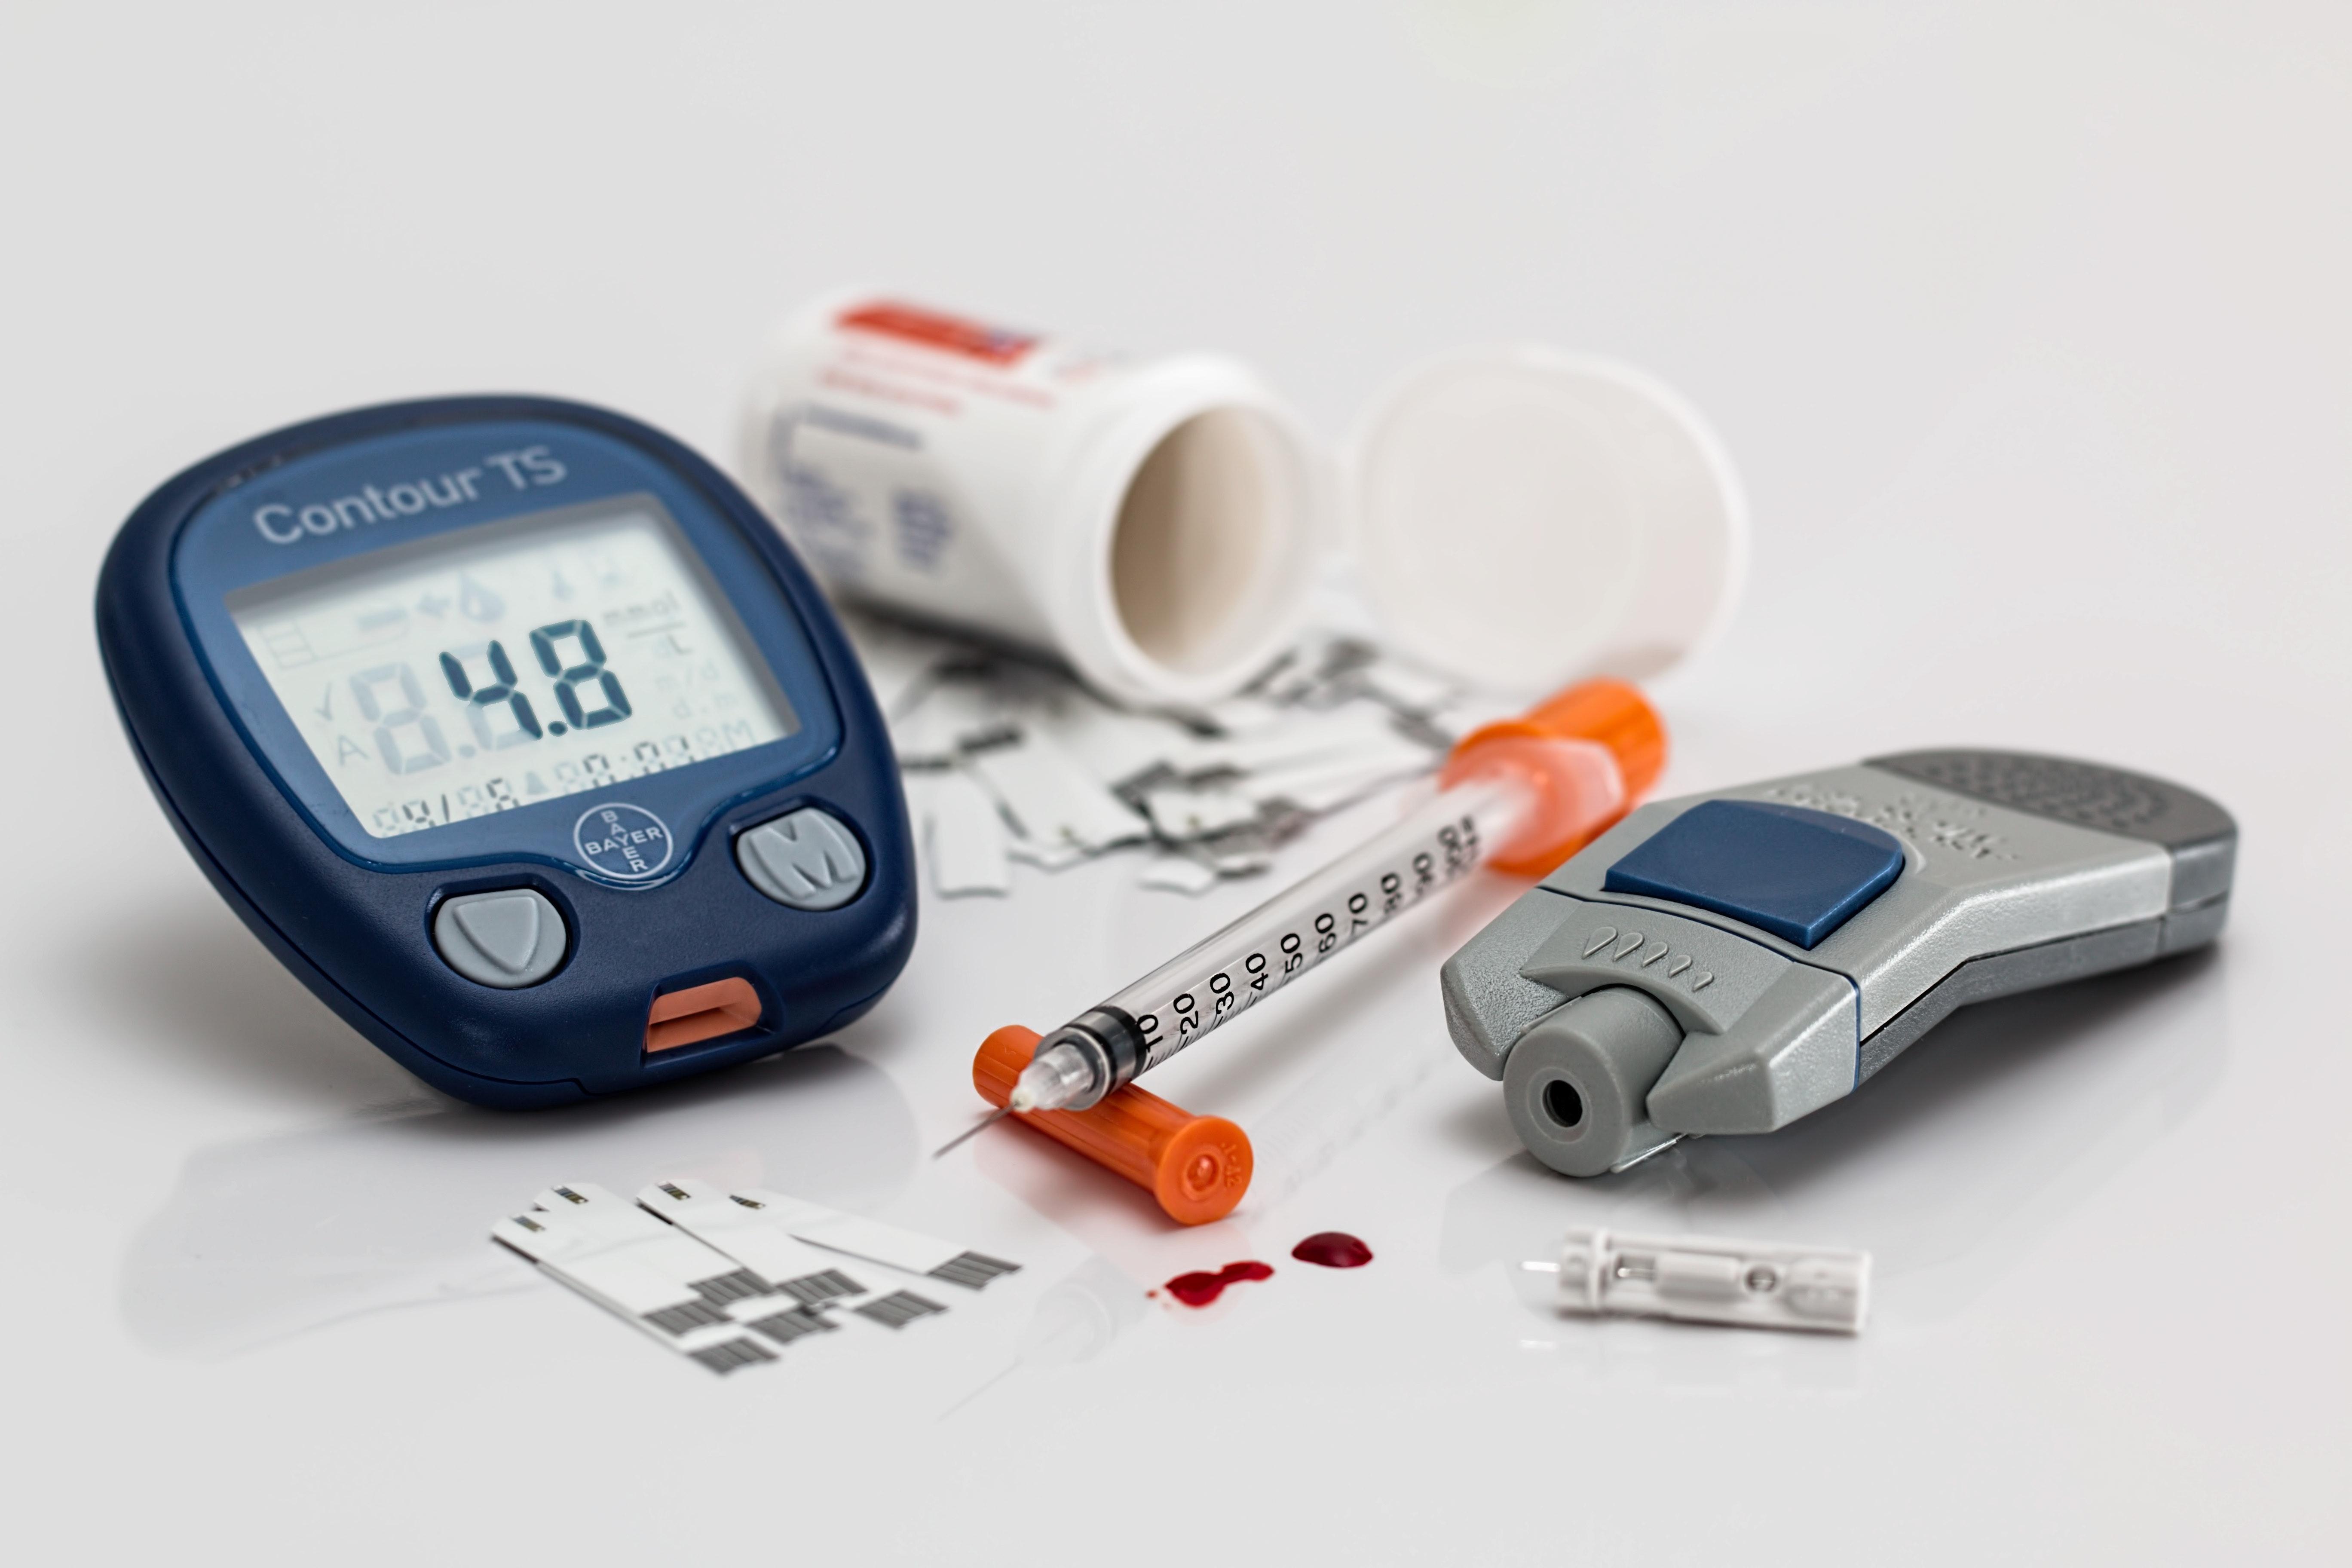 پیشبینی دیابت با استفاده از درخت تصمیم «نرمافزار رپیدماینر»